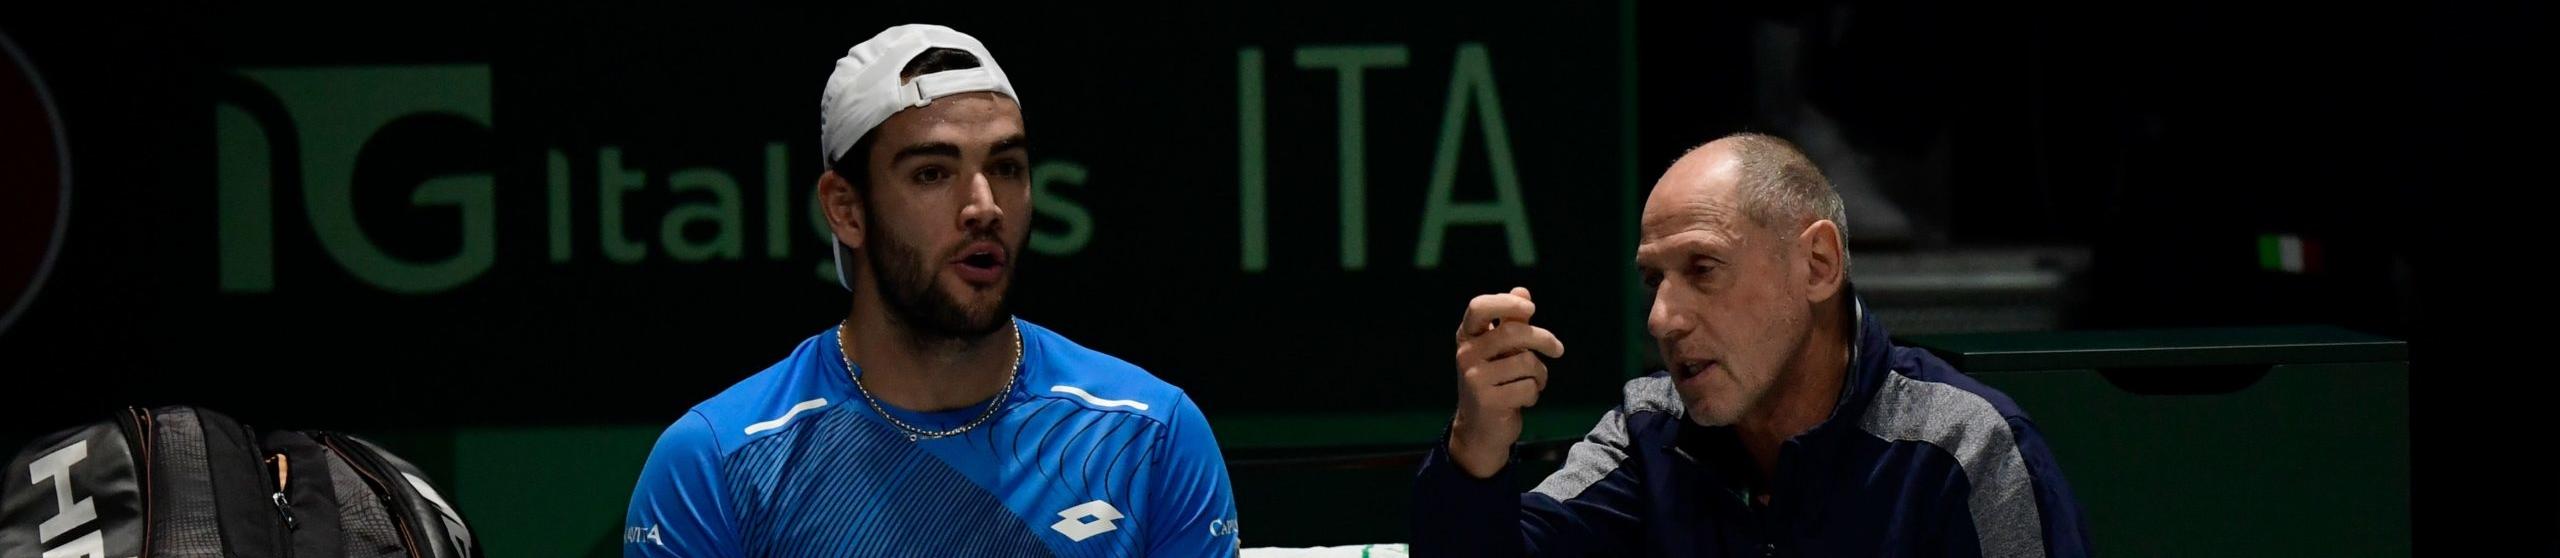 Coppa Davis, il disastro è servito: Italia tra le vittime di una formula folle